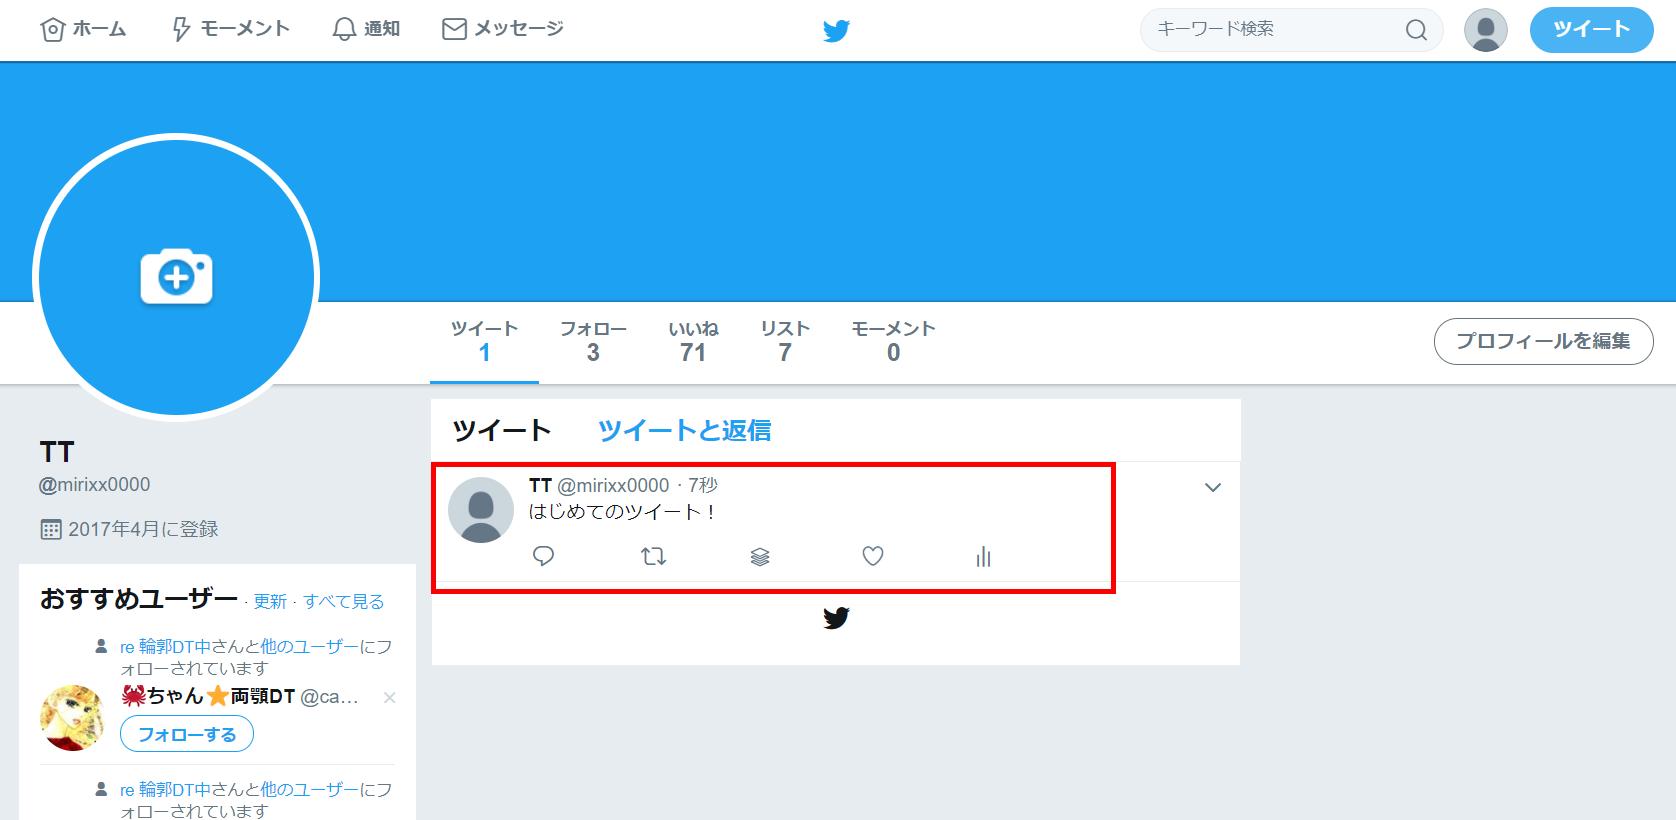 の ツイート 自分 検索 過去